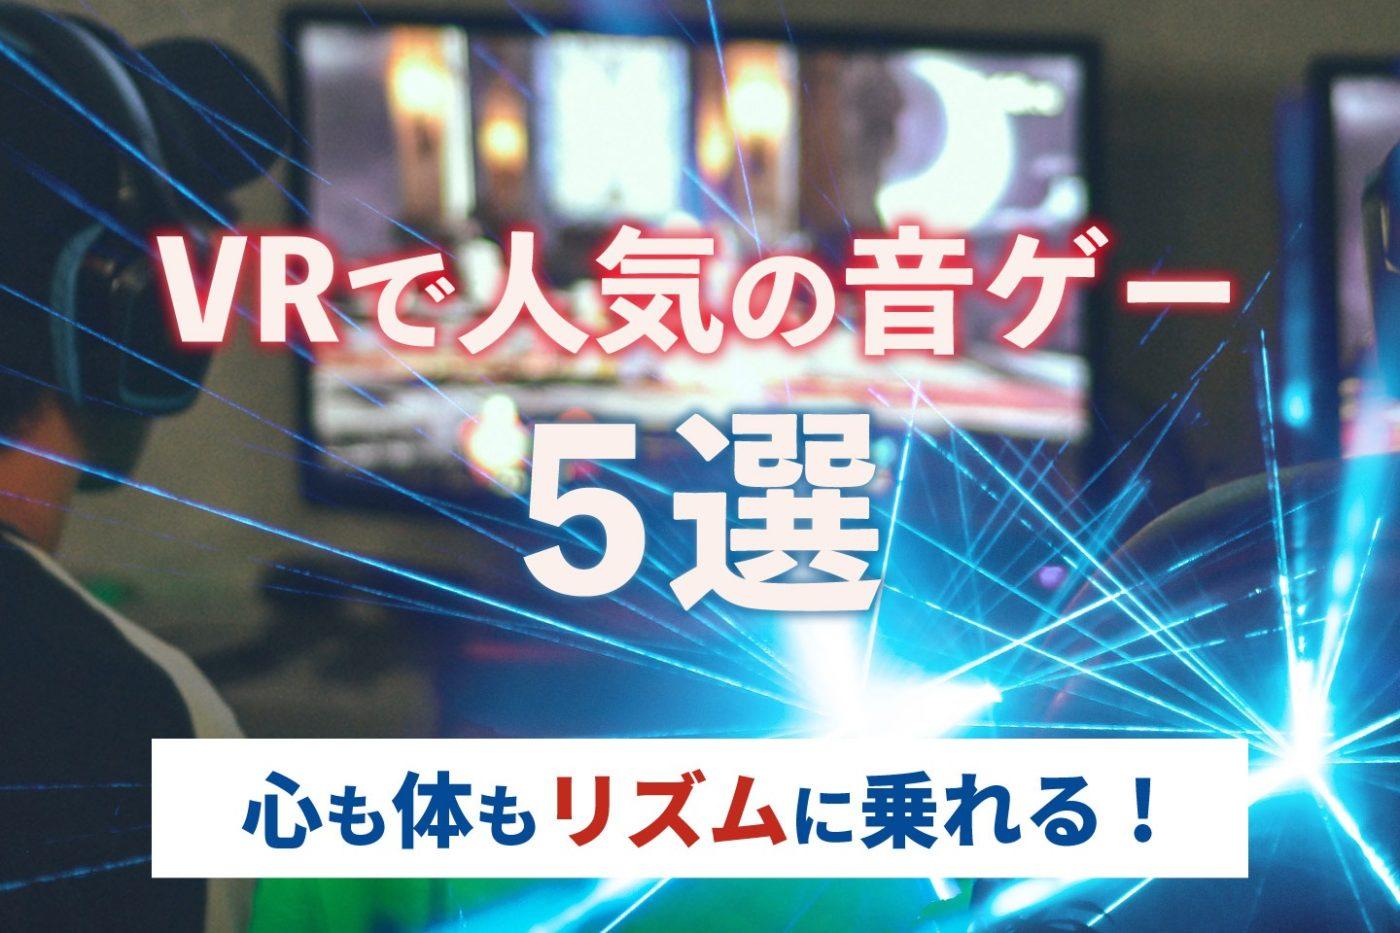 VRで人気の音ゲー5選【心も体もリズムに乗れる!】